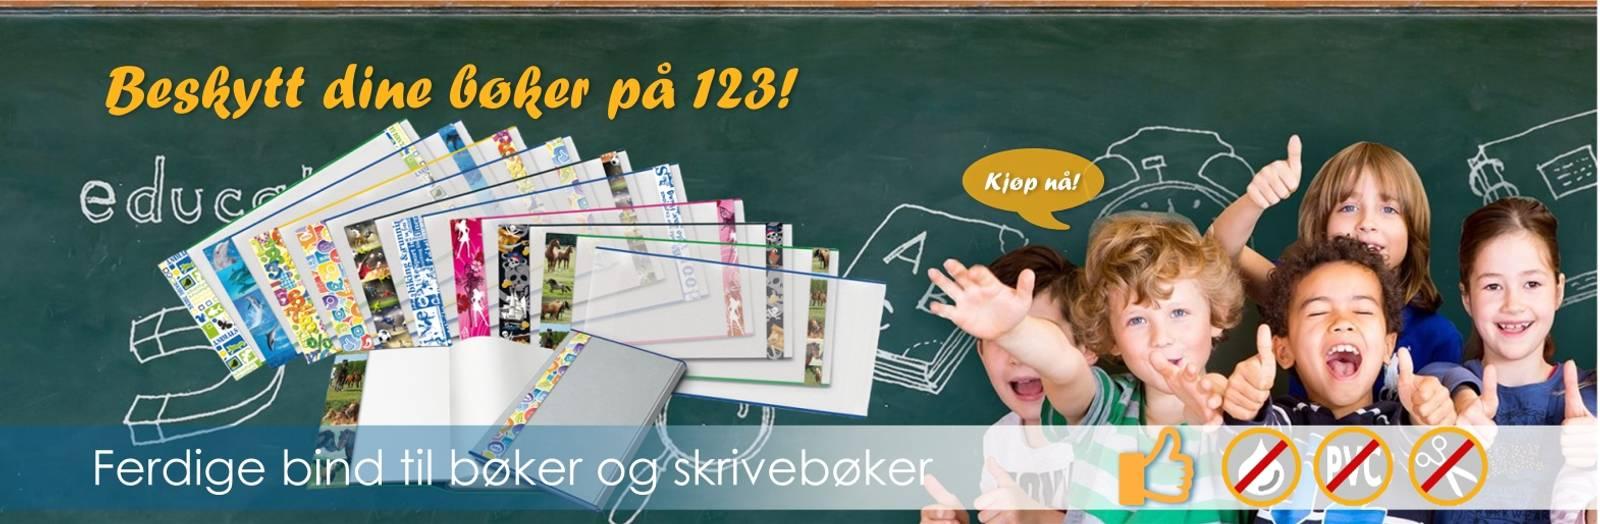 Bokbind, lesestativ, bokmerker, skolebag, permer, hurtighefter, mapper, limprodukter, etiketter, klistremerker